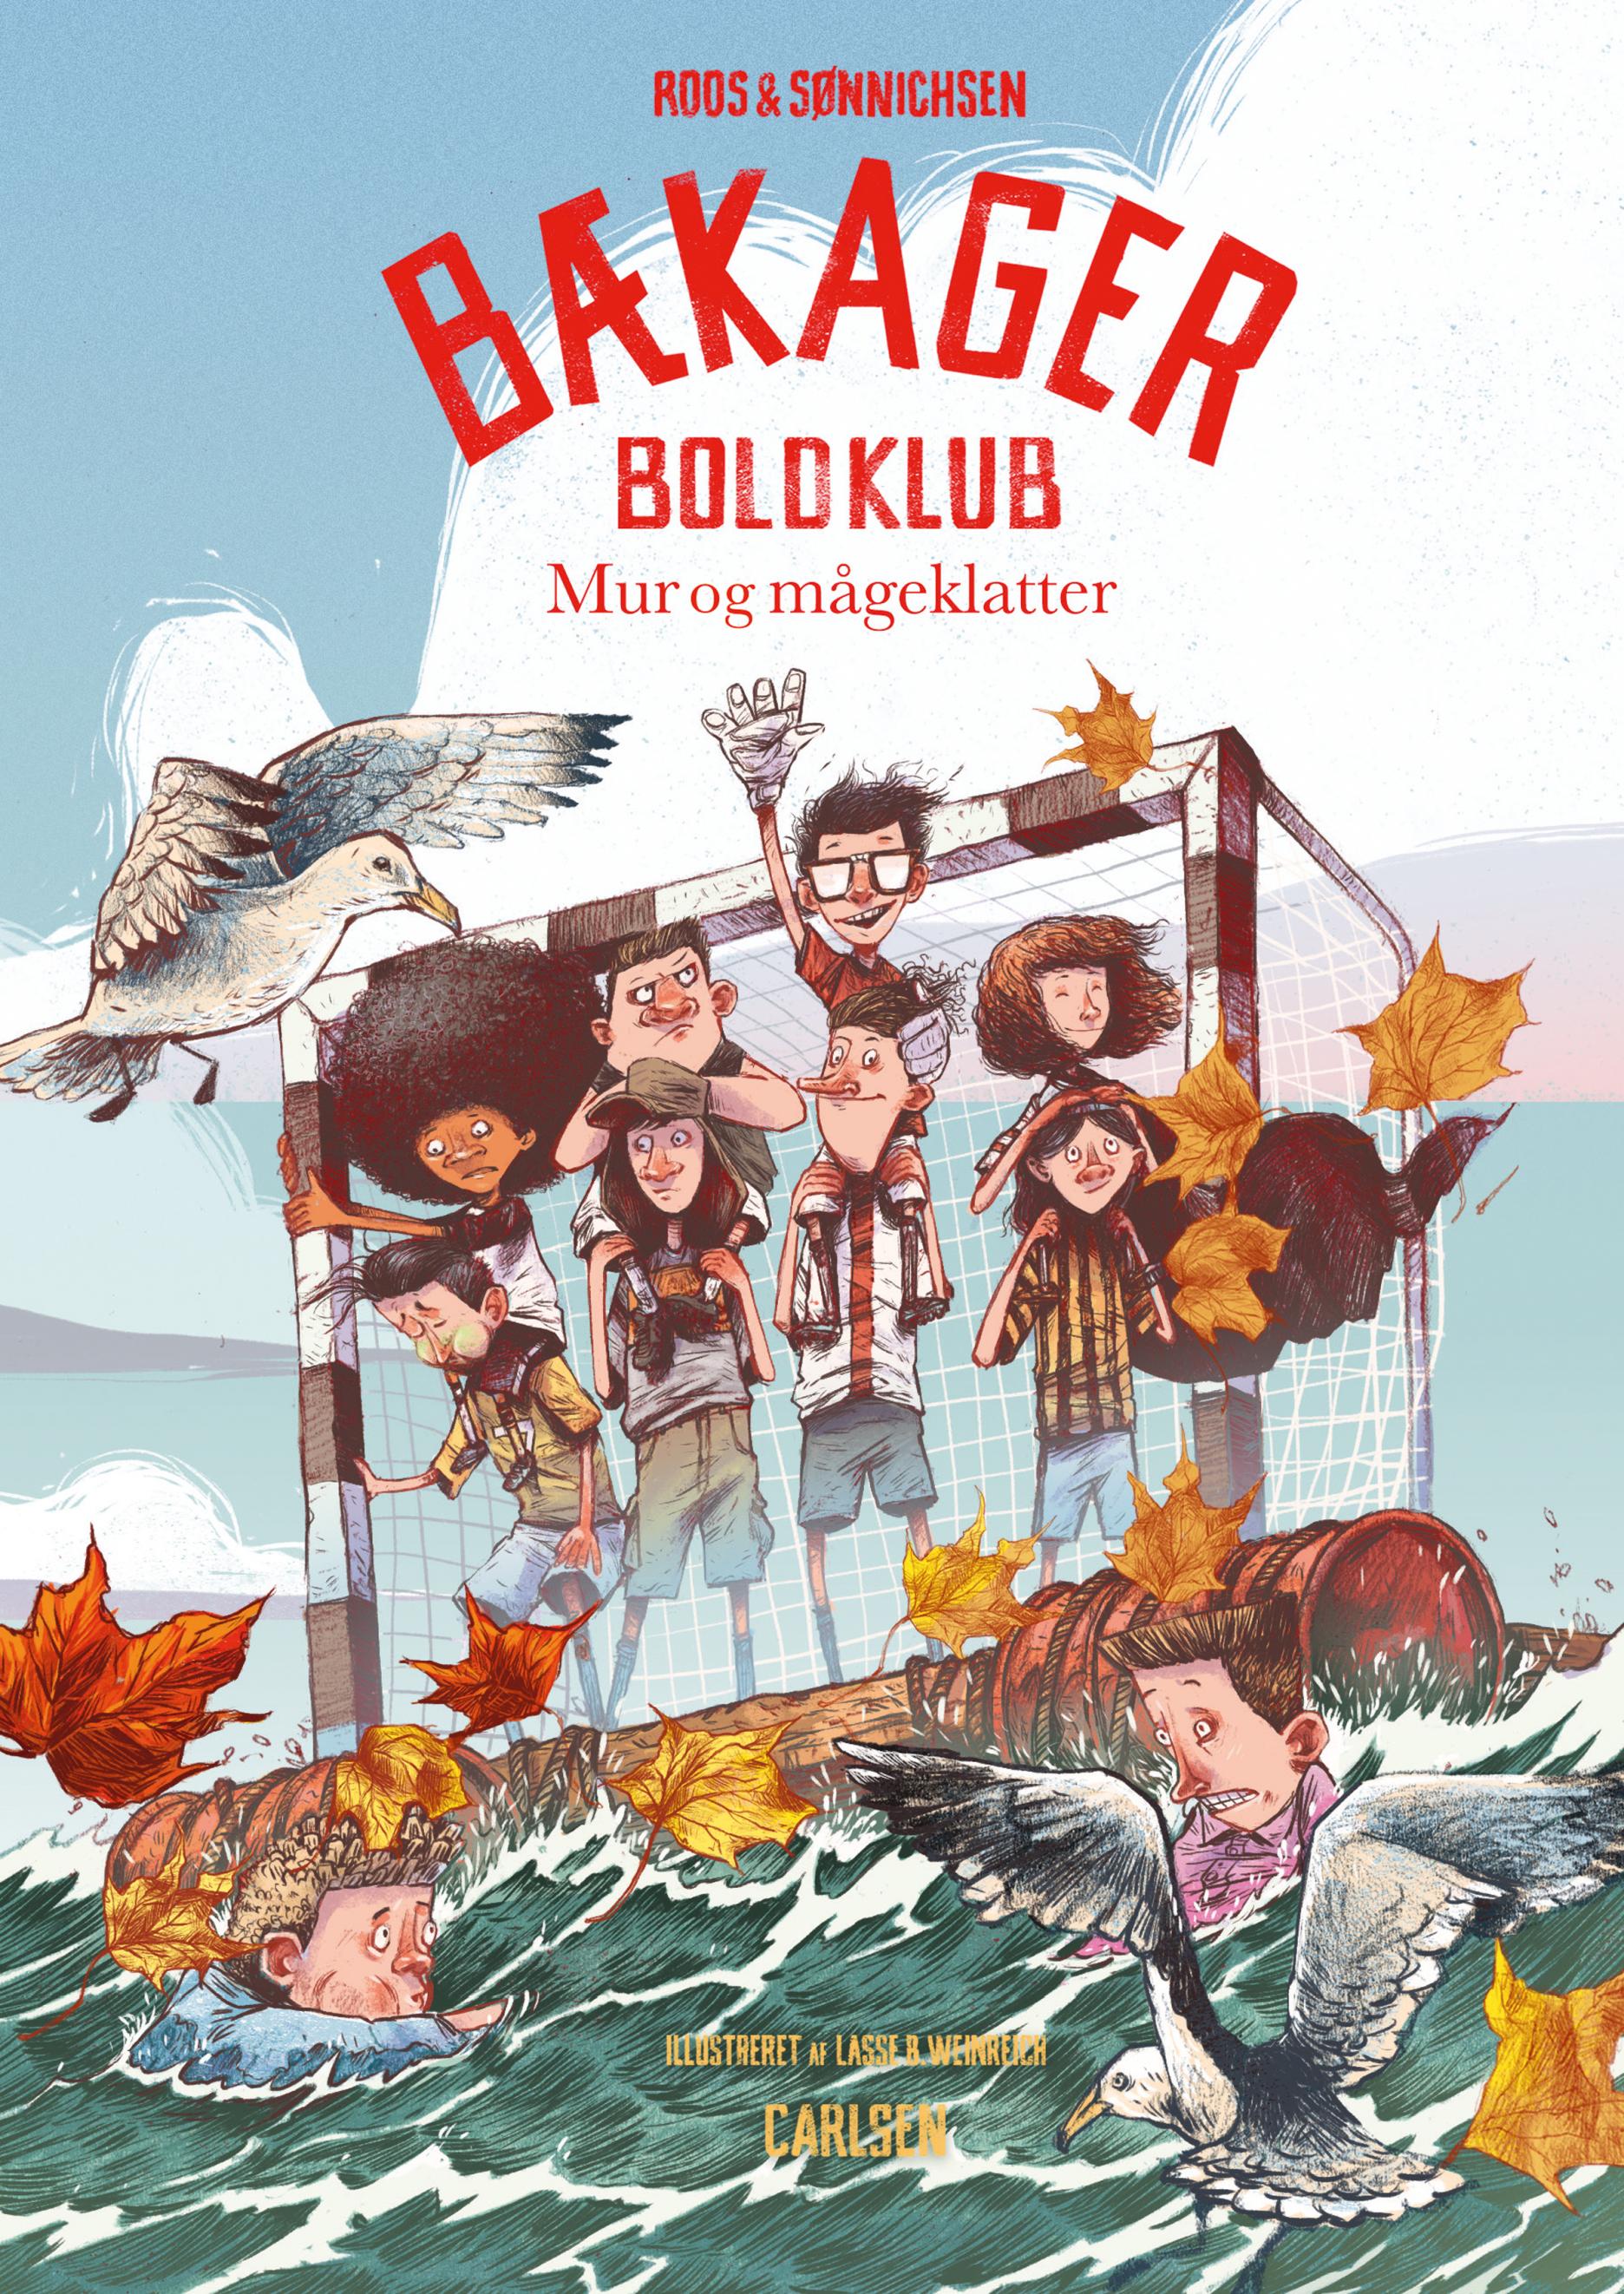 Bækager Boldklub #3: Mur og mågeklatter - Maneno